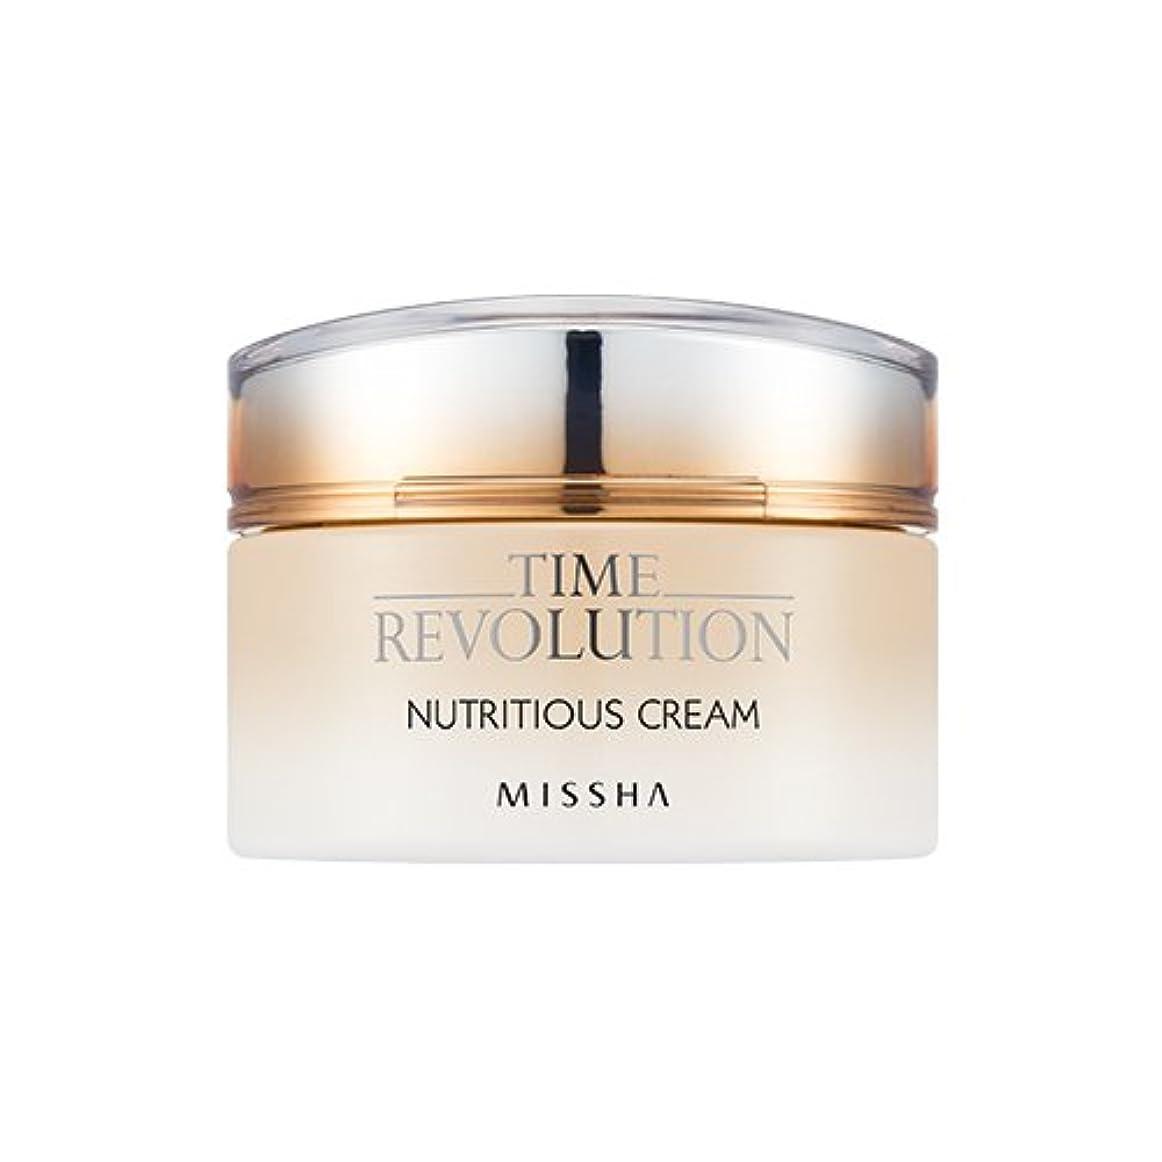 振る舞う地球麦芽[New] MISSHA Time Revolution Nutritious Cream 50ml/ミシャ タイム レボリューション ニュートリシャス クリーム 50ml [並行輸入品]